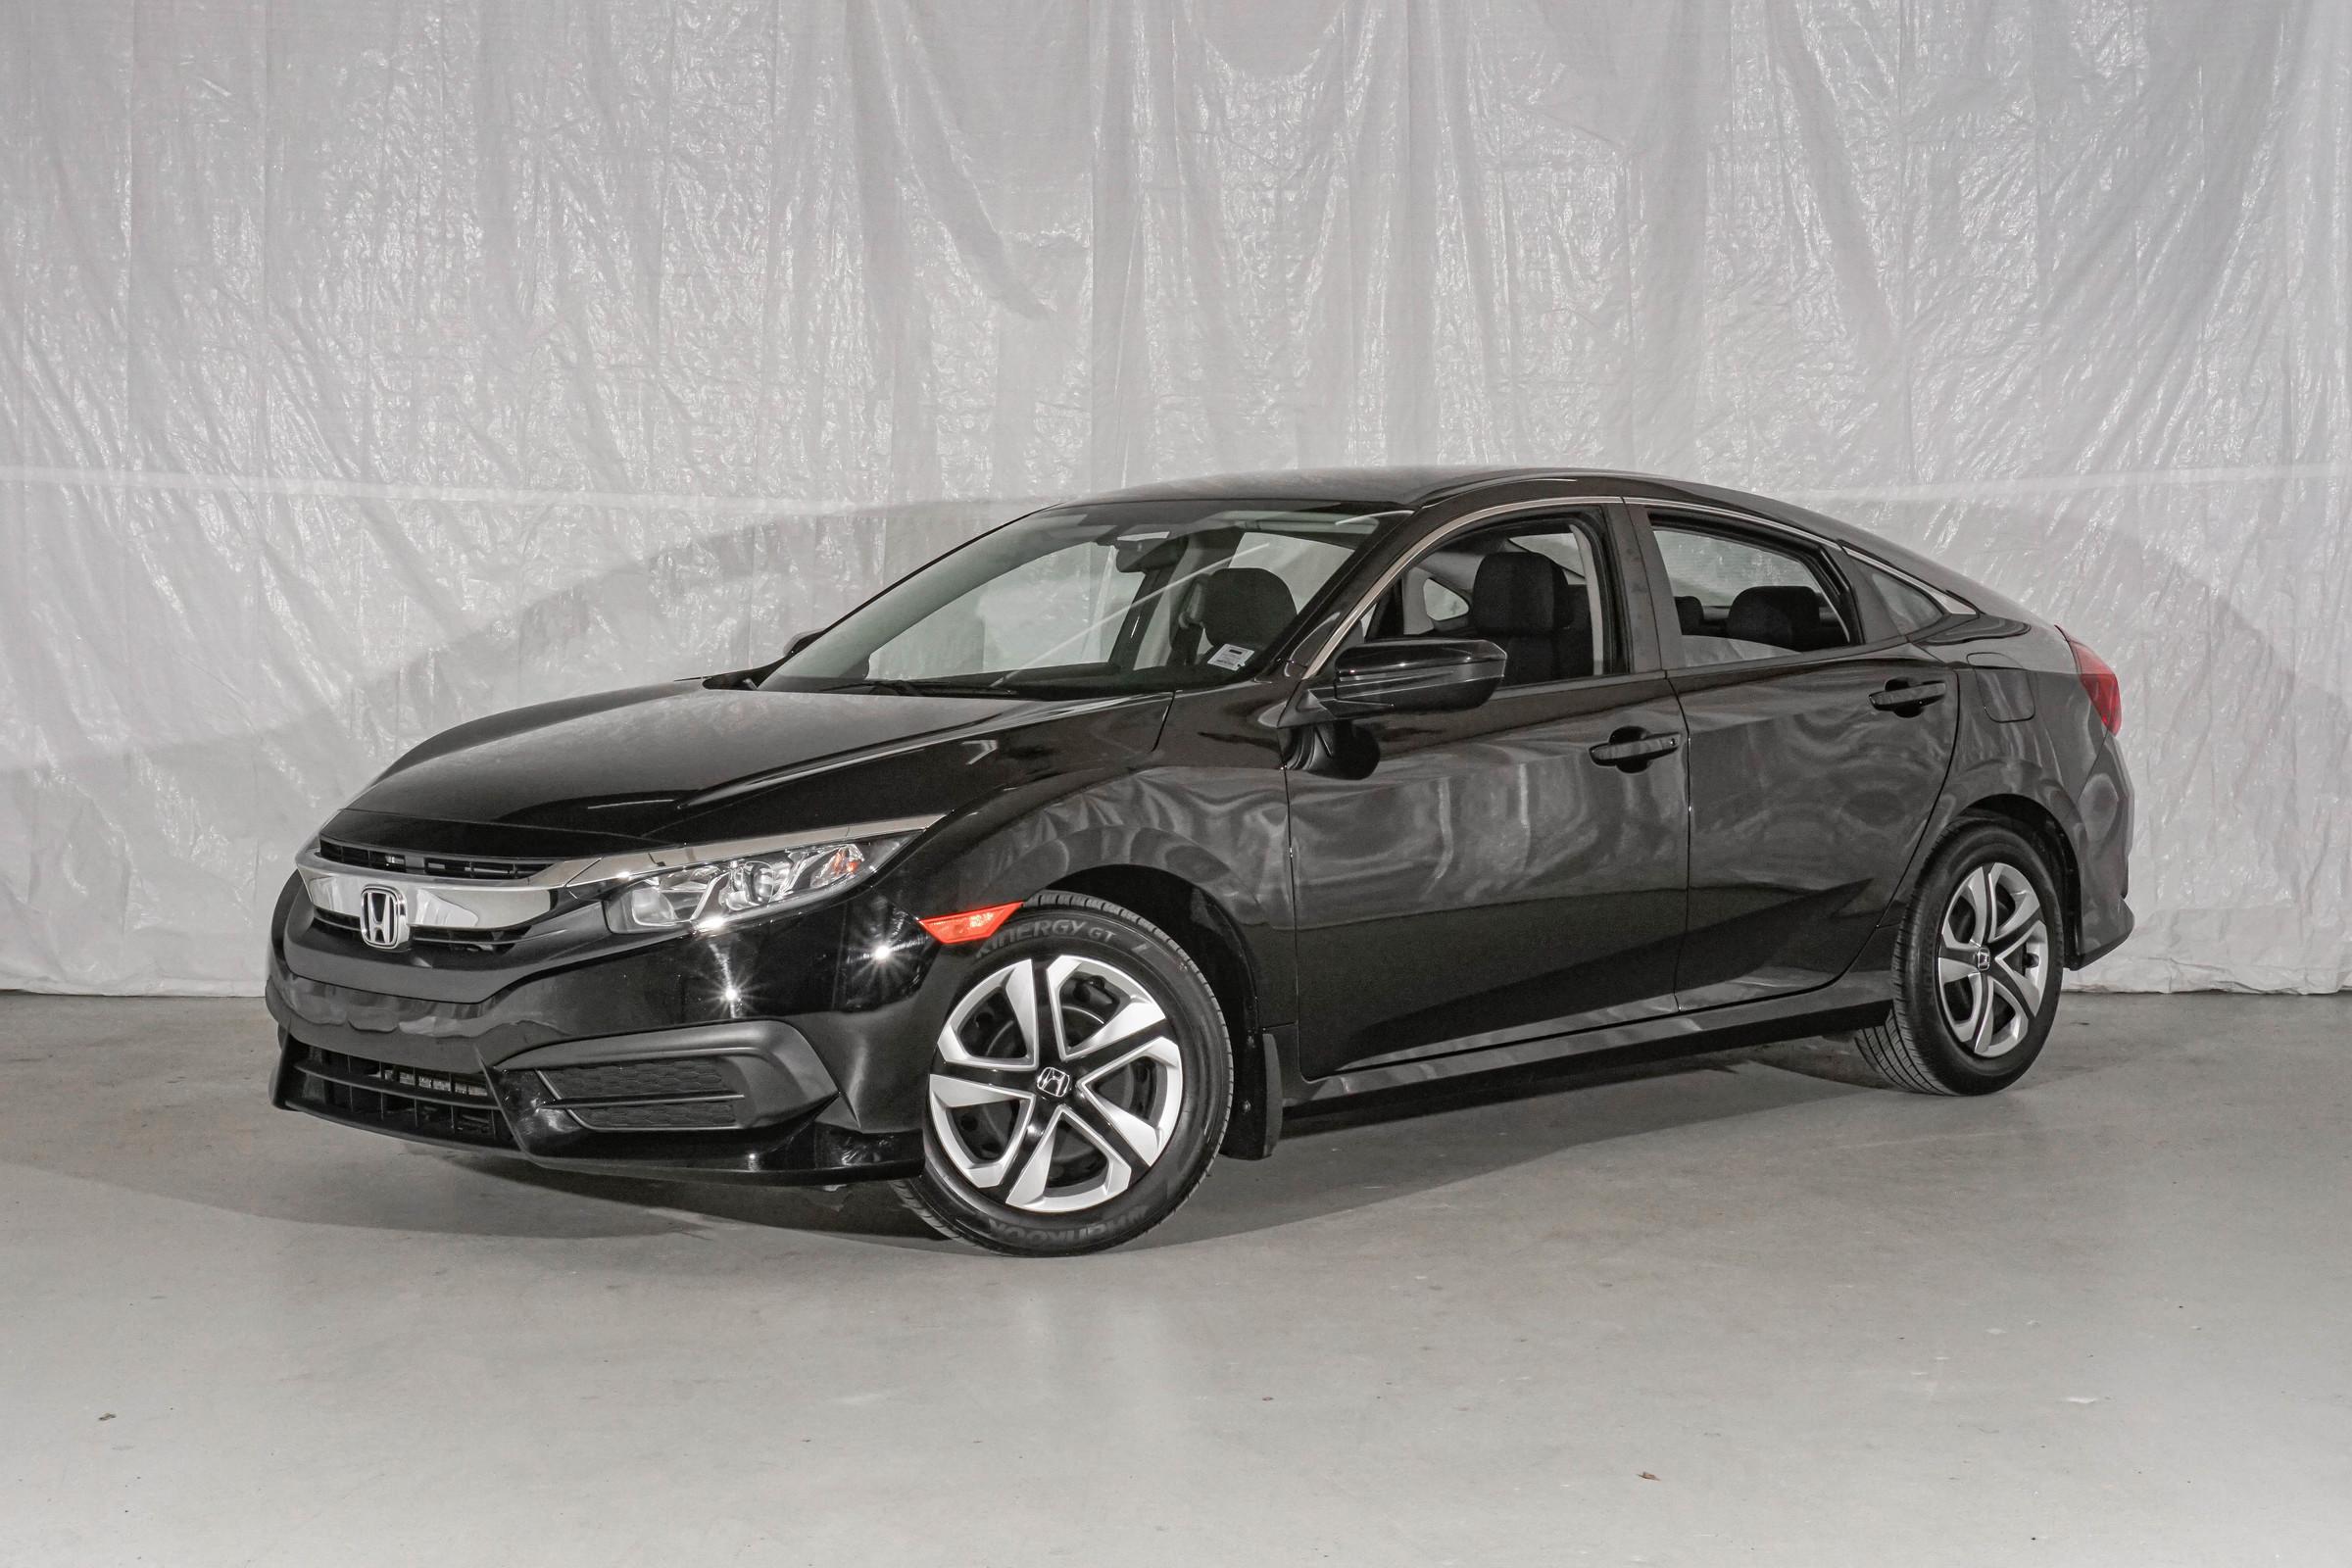 Black Honda Civic LX